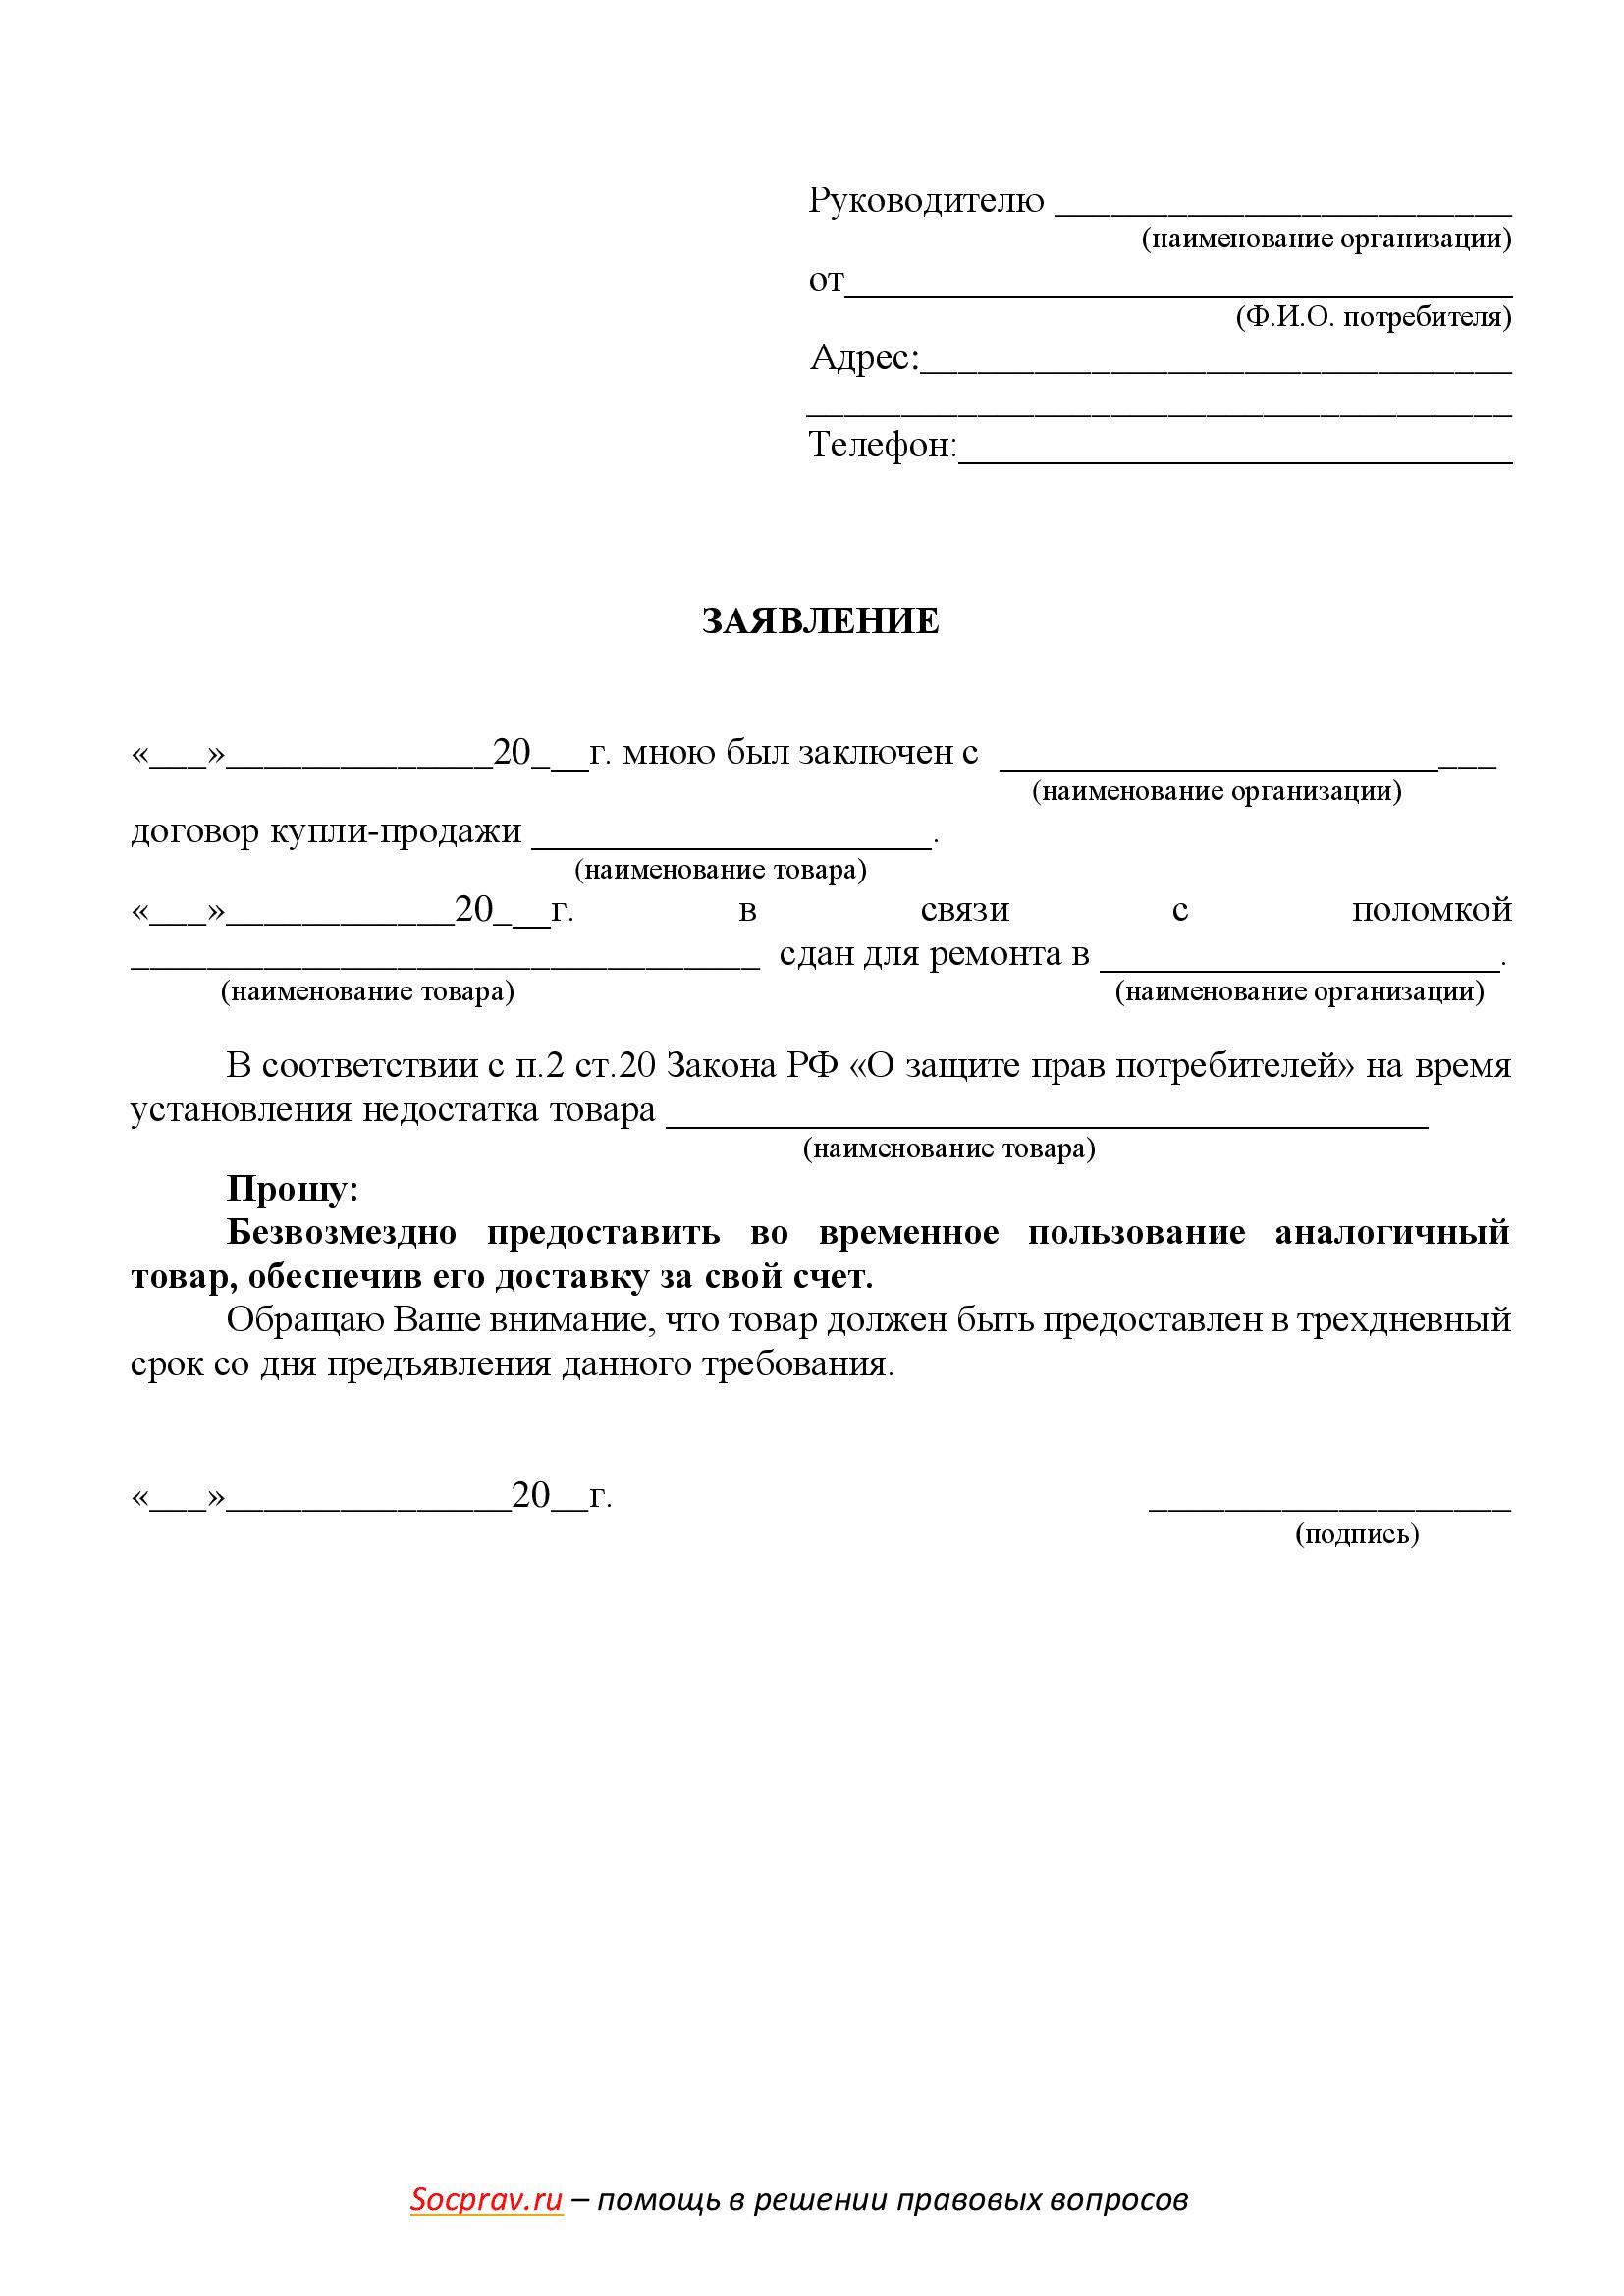 Заявление о предоставлении товара на период ремонта